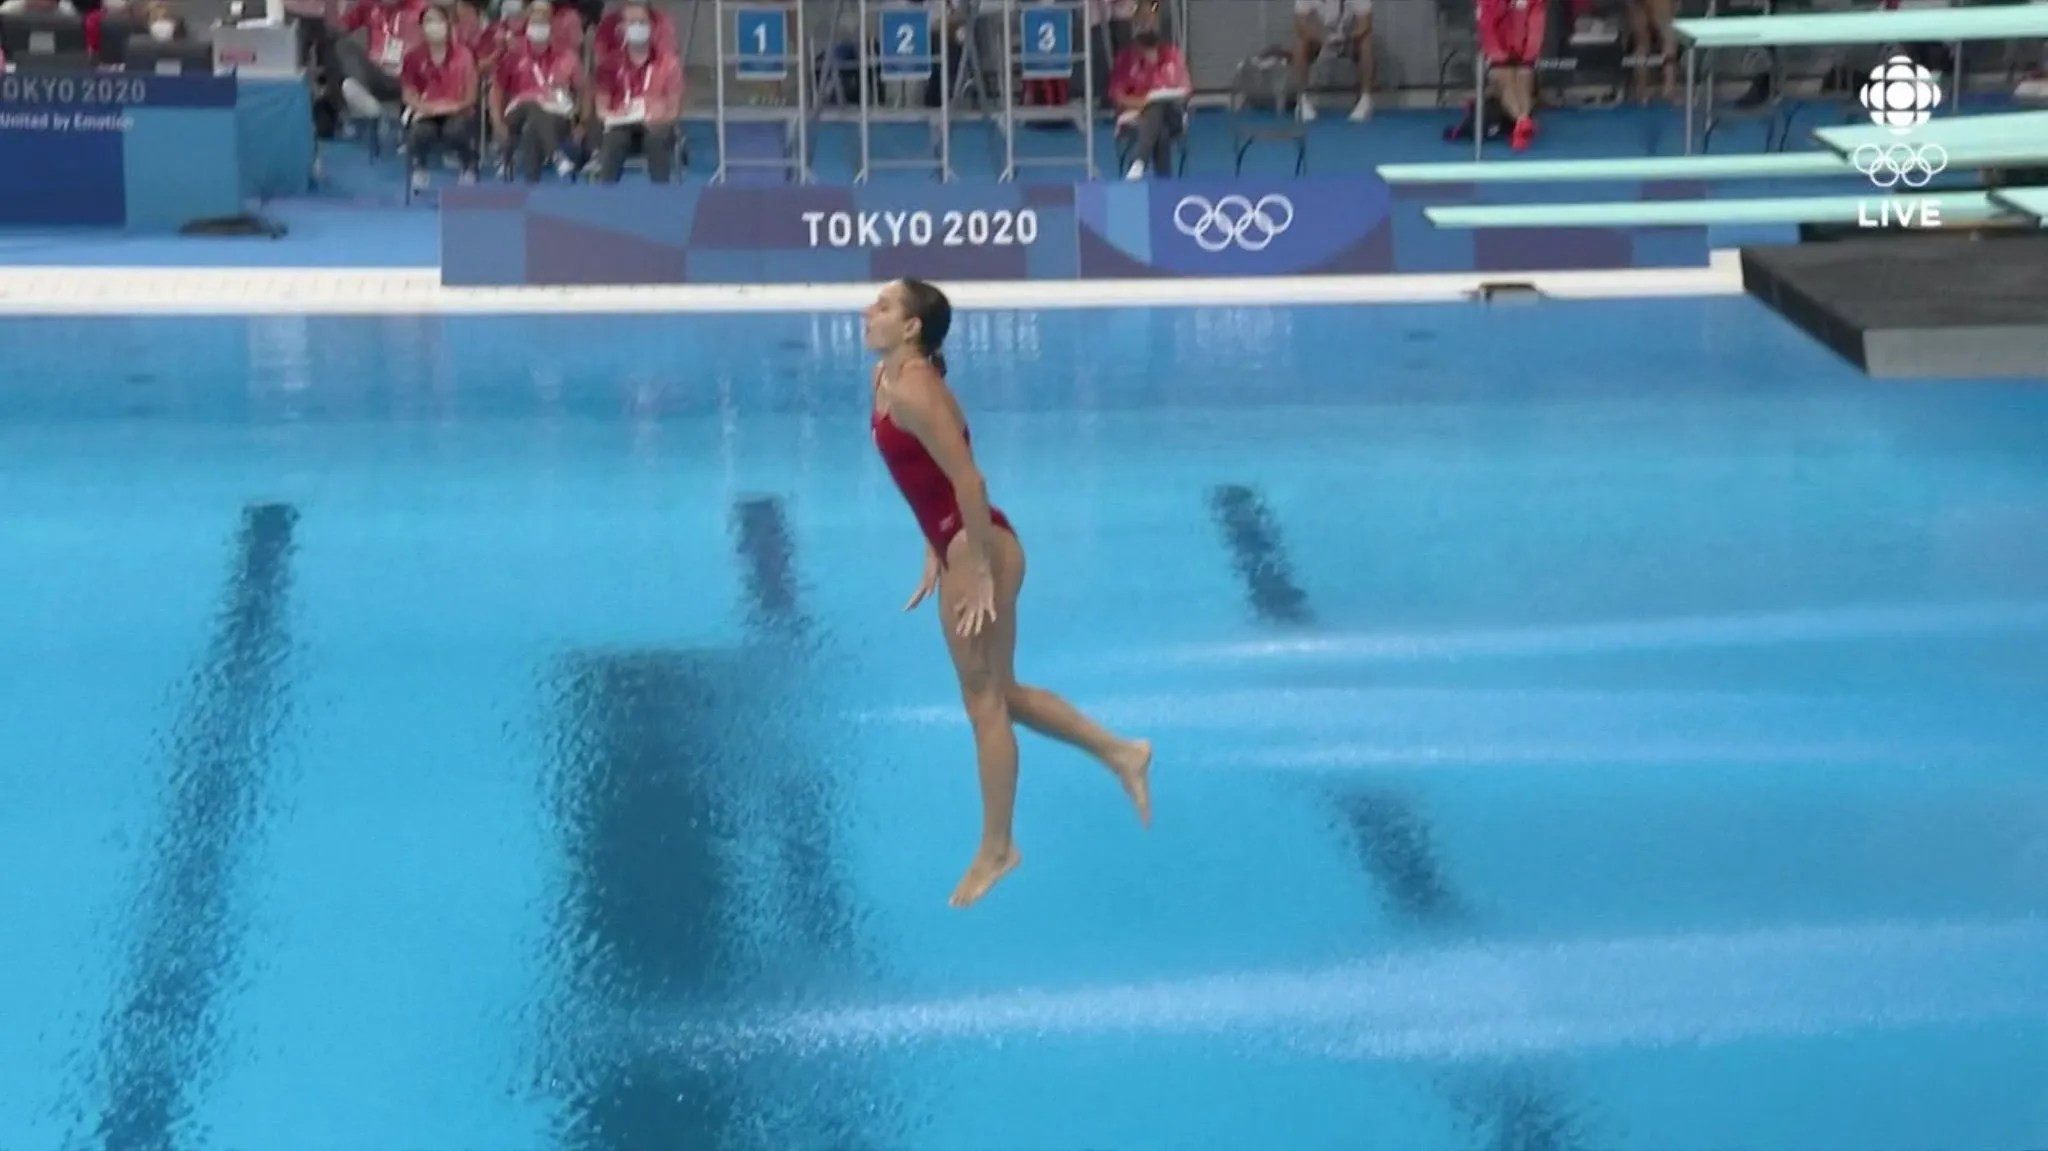 #VÍDEO ¡Clavado Olímpico Desastroso! Arantxa Chávez obtuvo una calificación de 0 al fallar un clavado